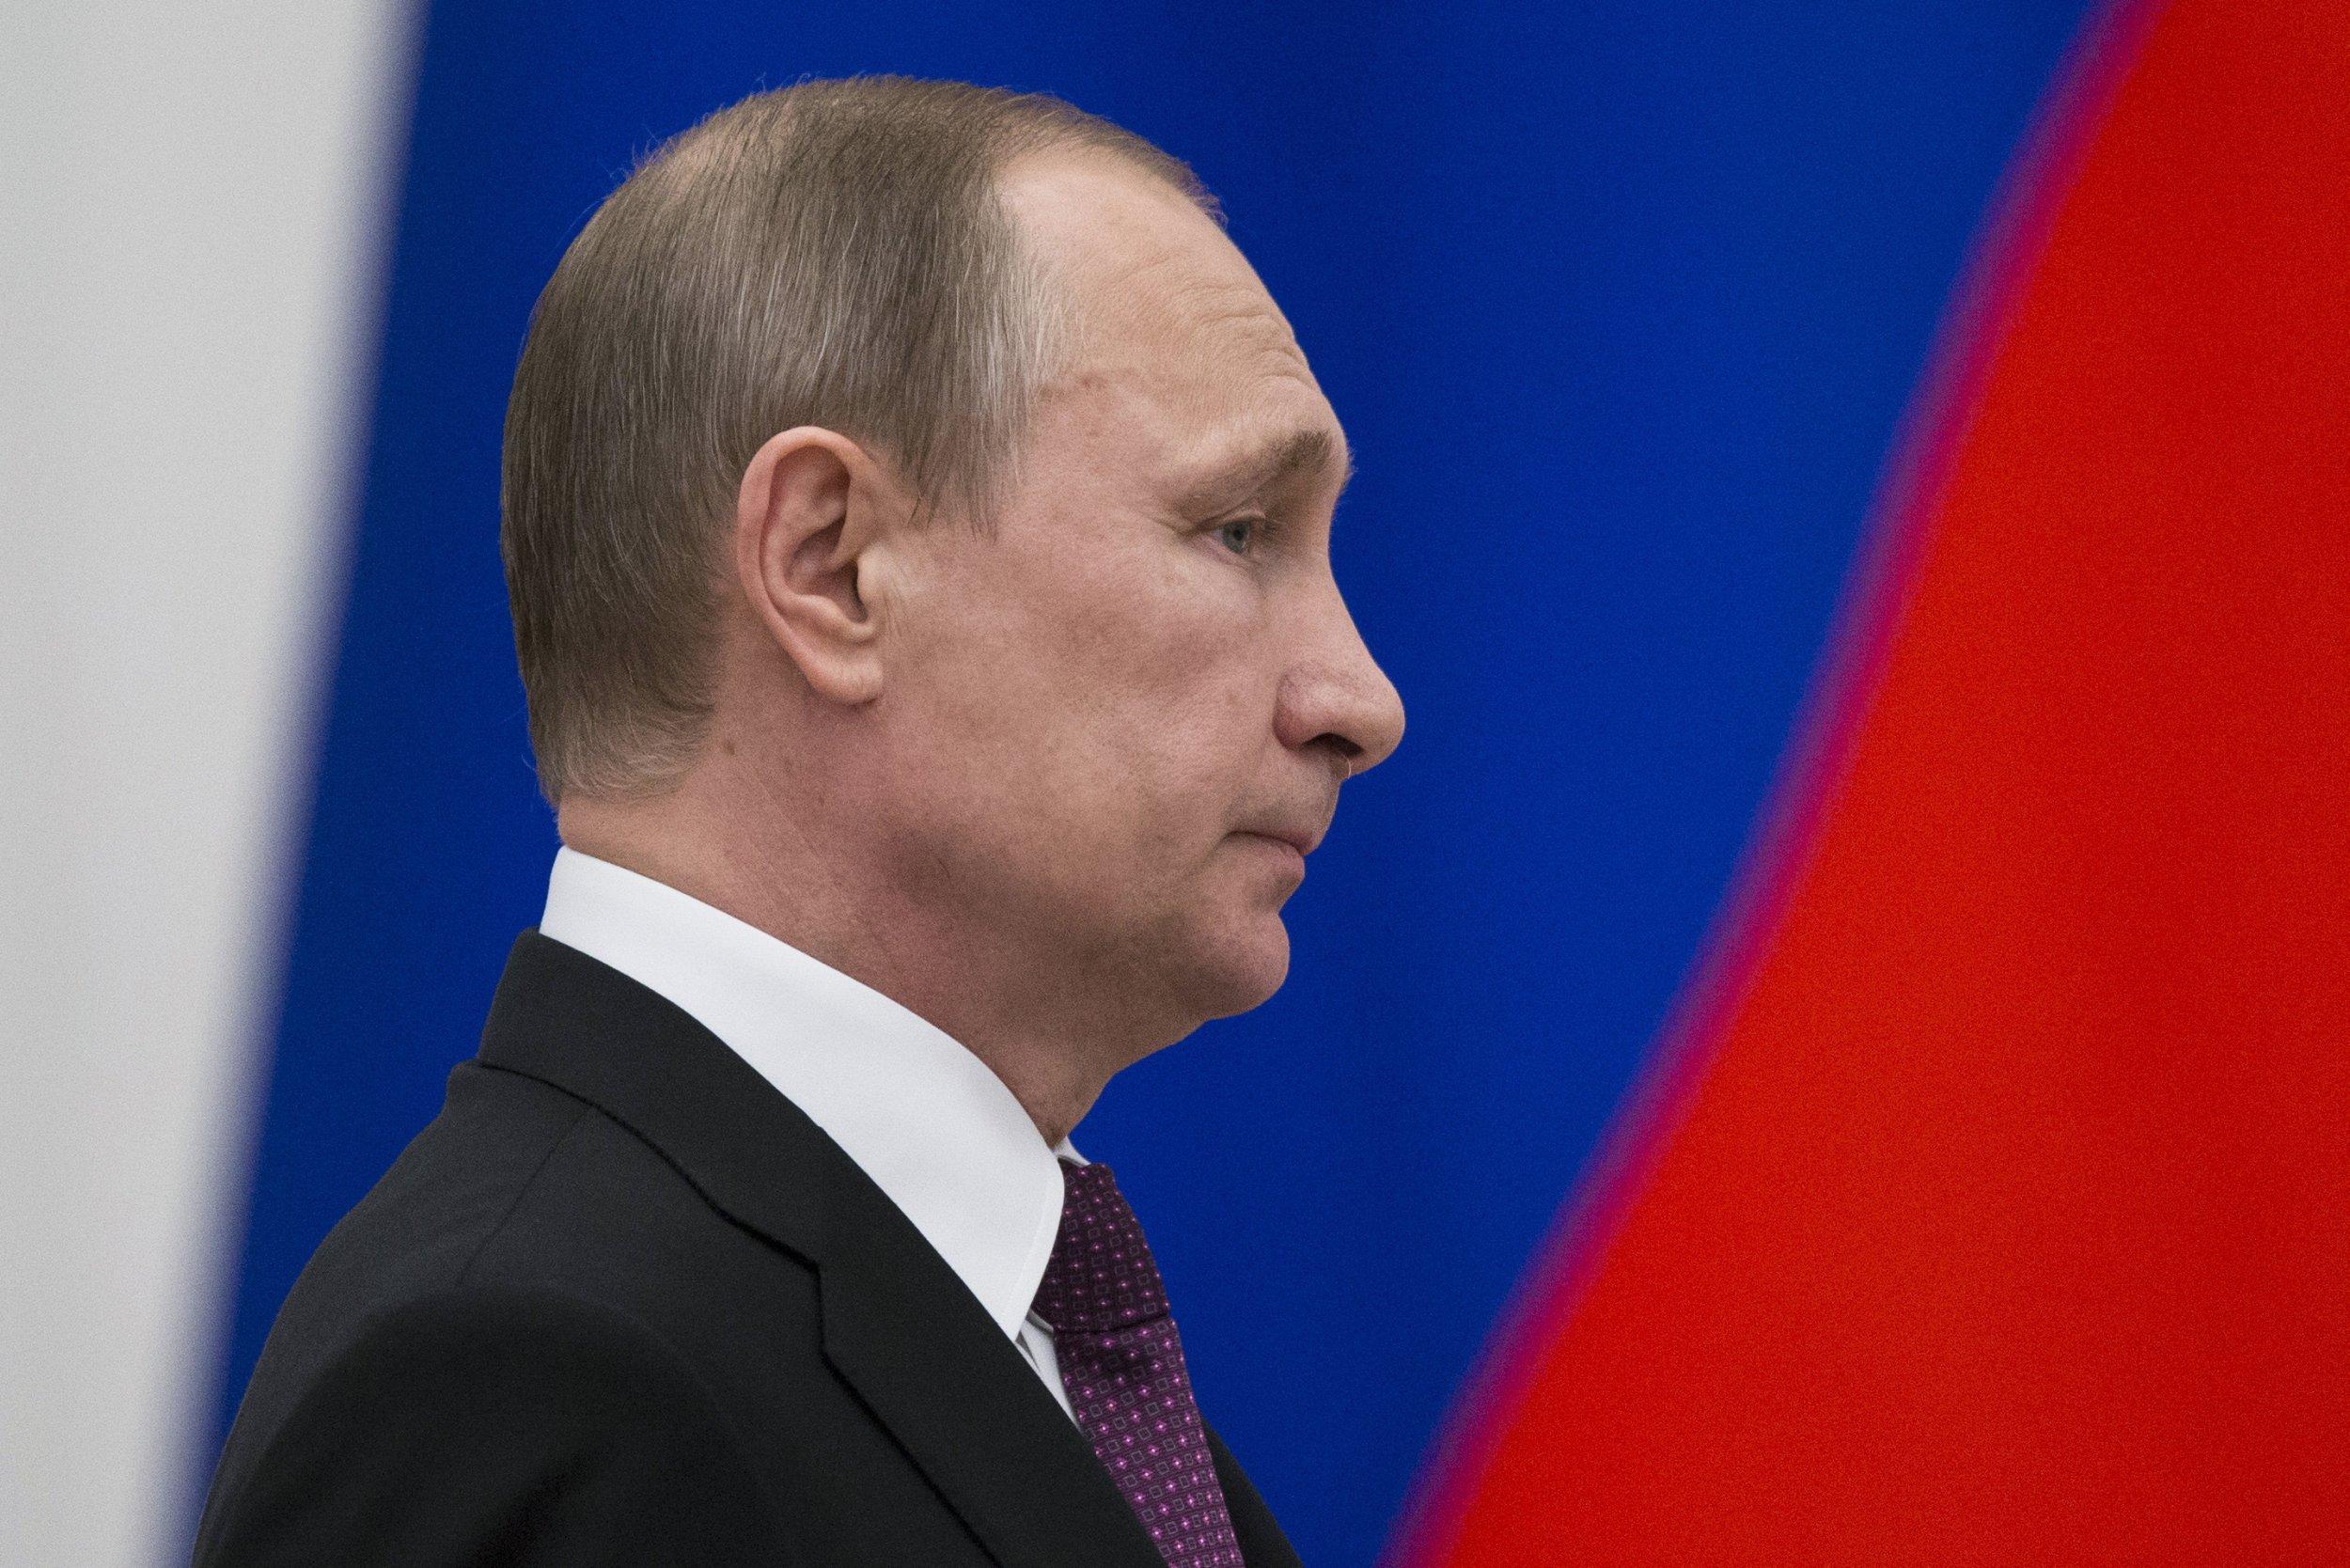 Putin in profile